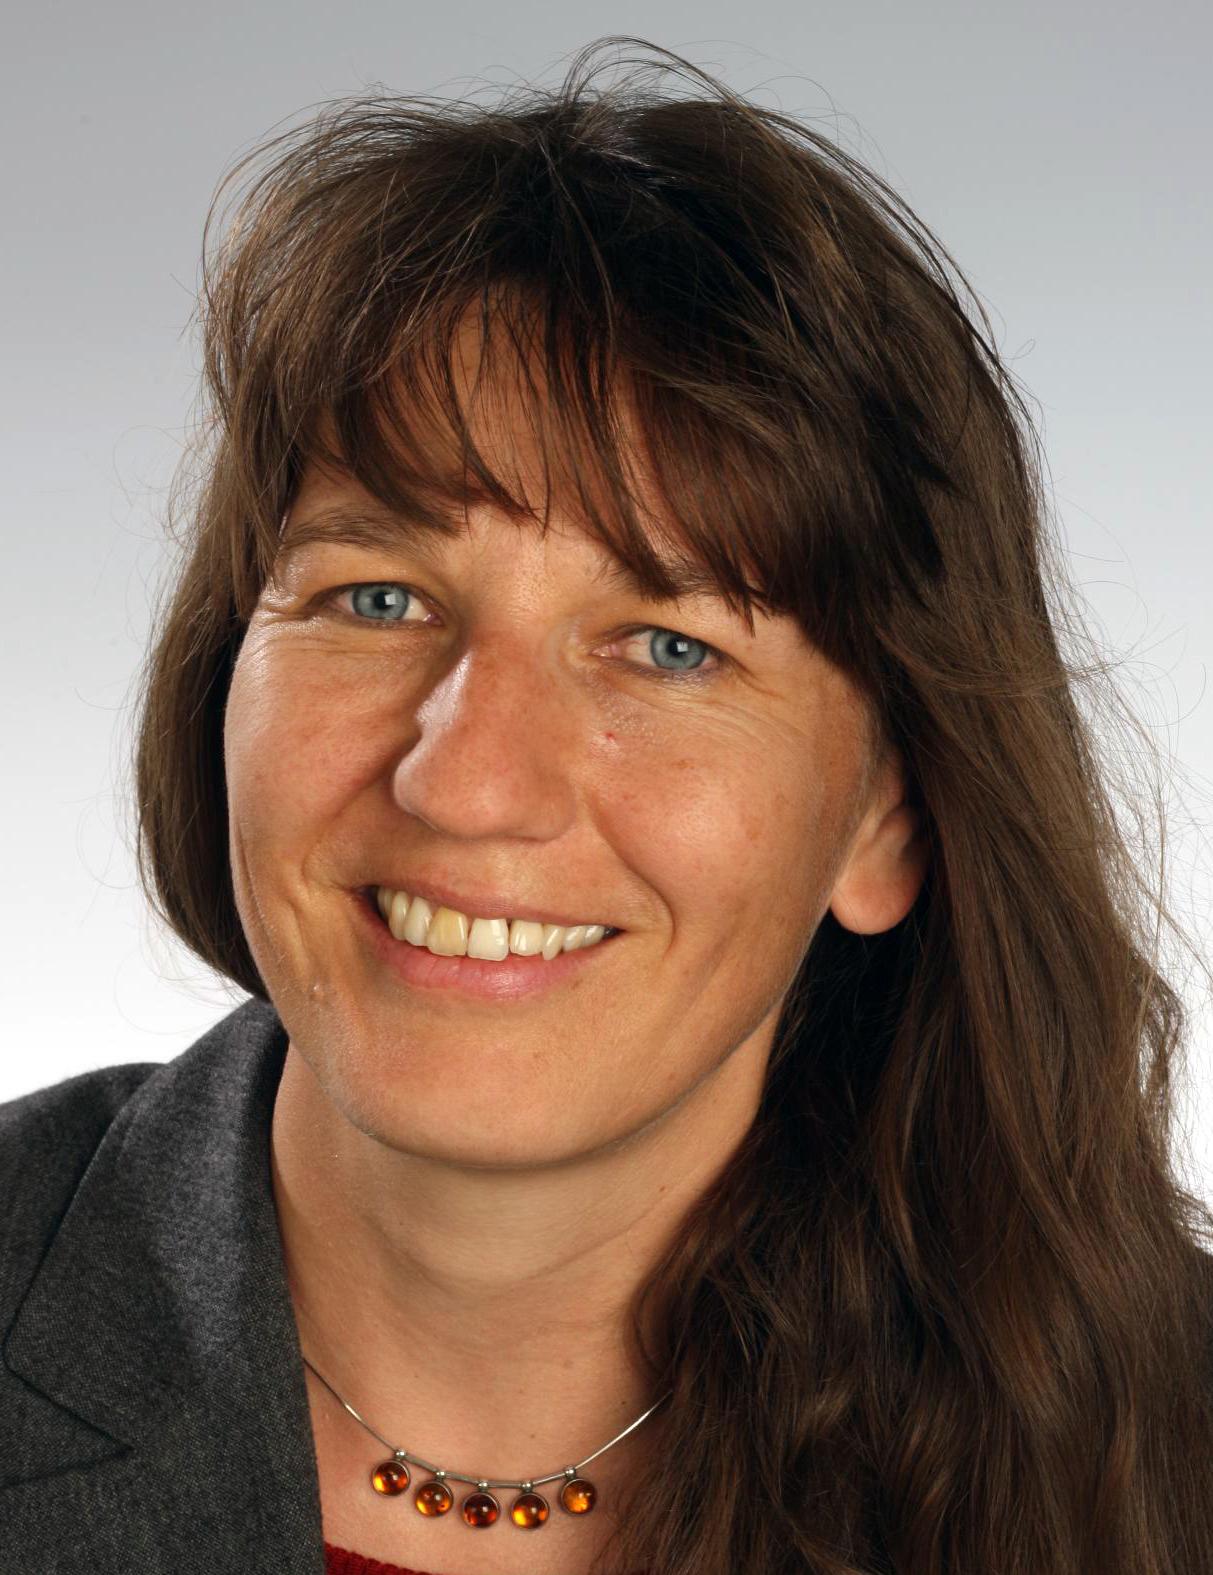 Prof -Dr -Heike-Beismann Cut2 By-Ansgar-von-Trenck in <!--:de-->Referenzen<!--:--><!--:en-->References<!--:-->